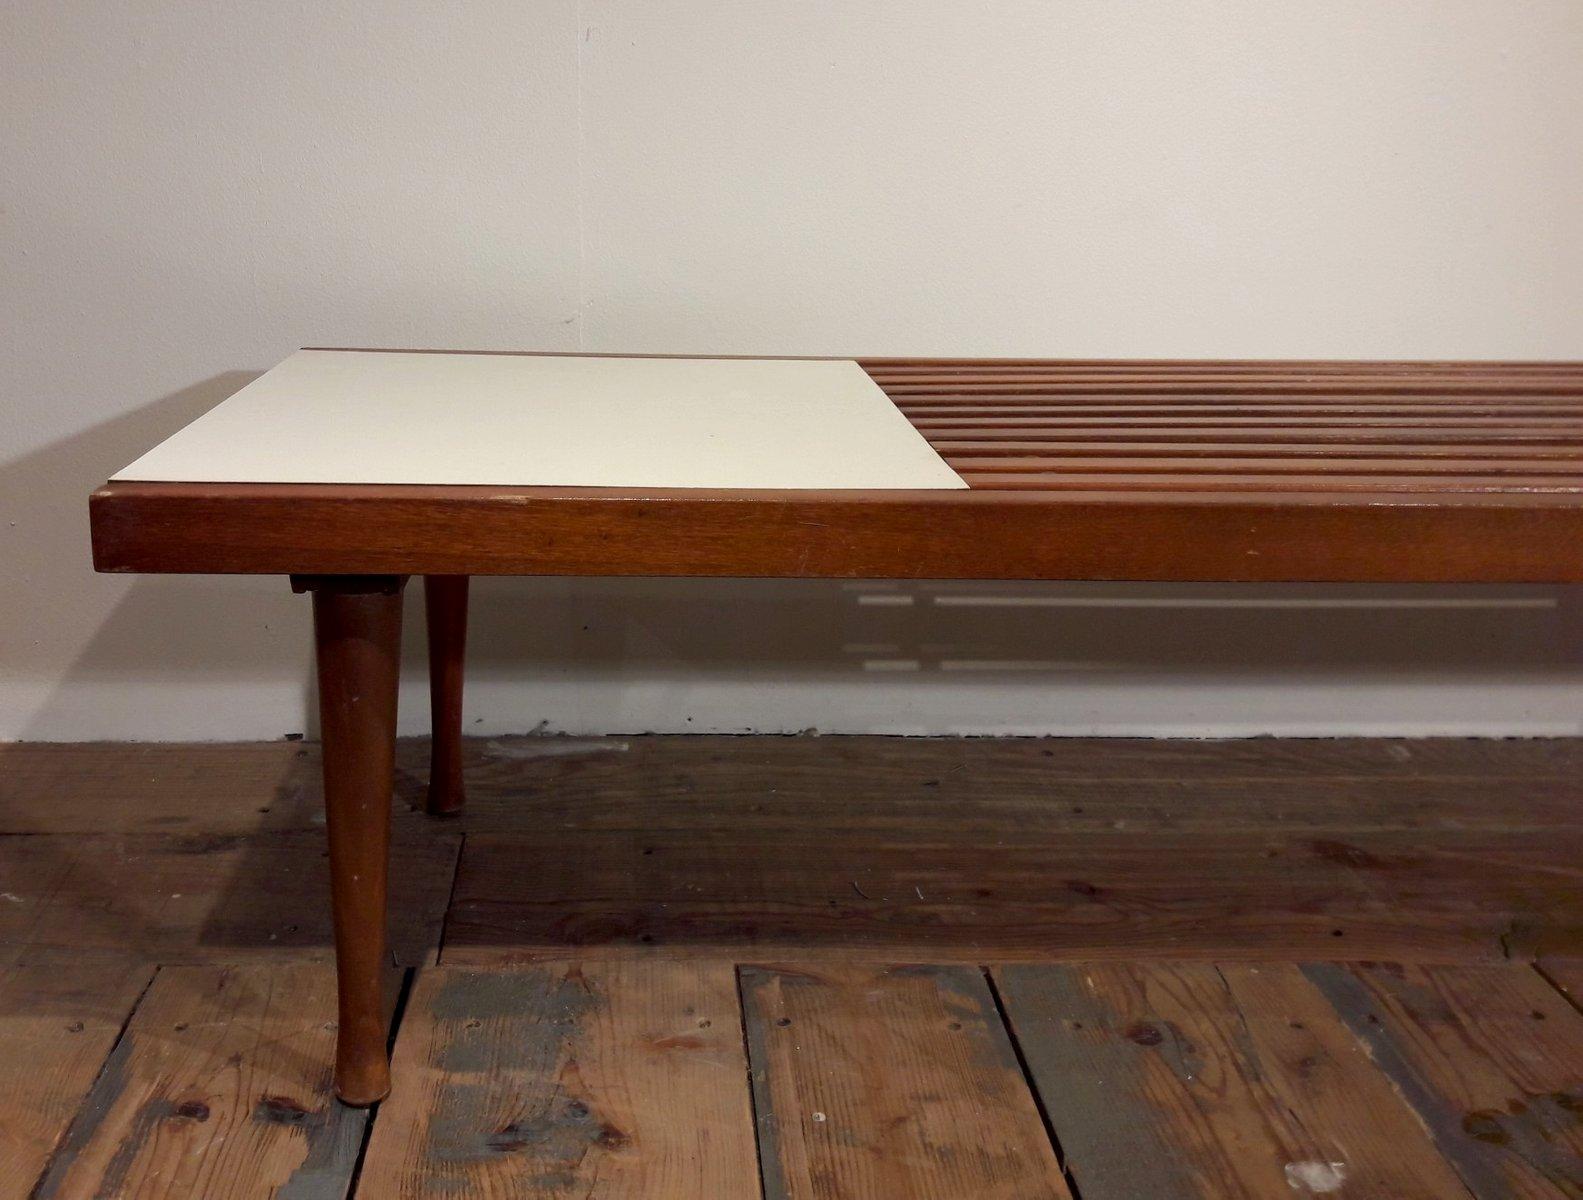 Tavolini In Legno Bianco : Tavolino da caffè in legno a stecche e laminato bianco stati